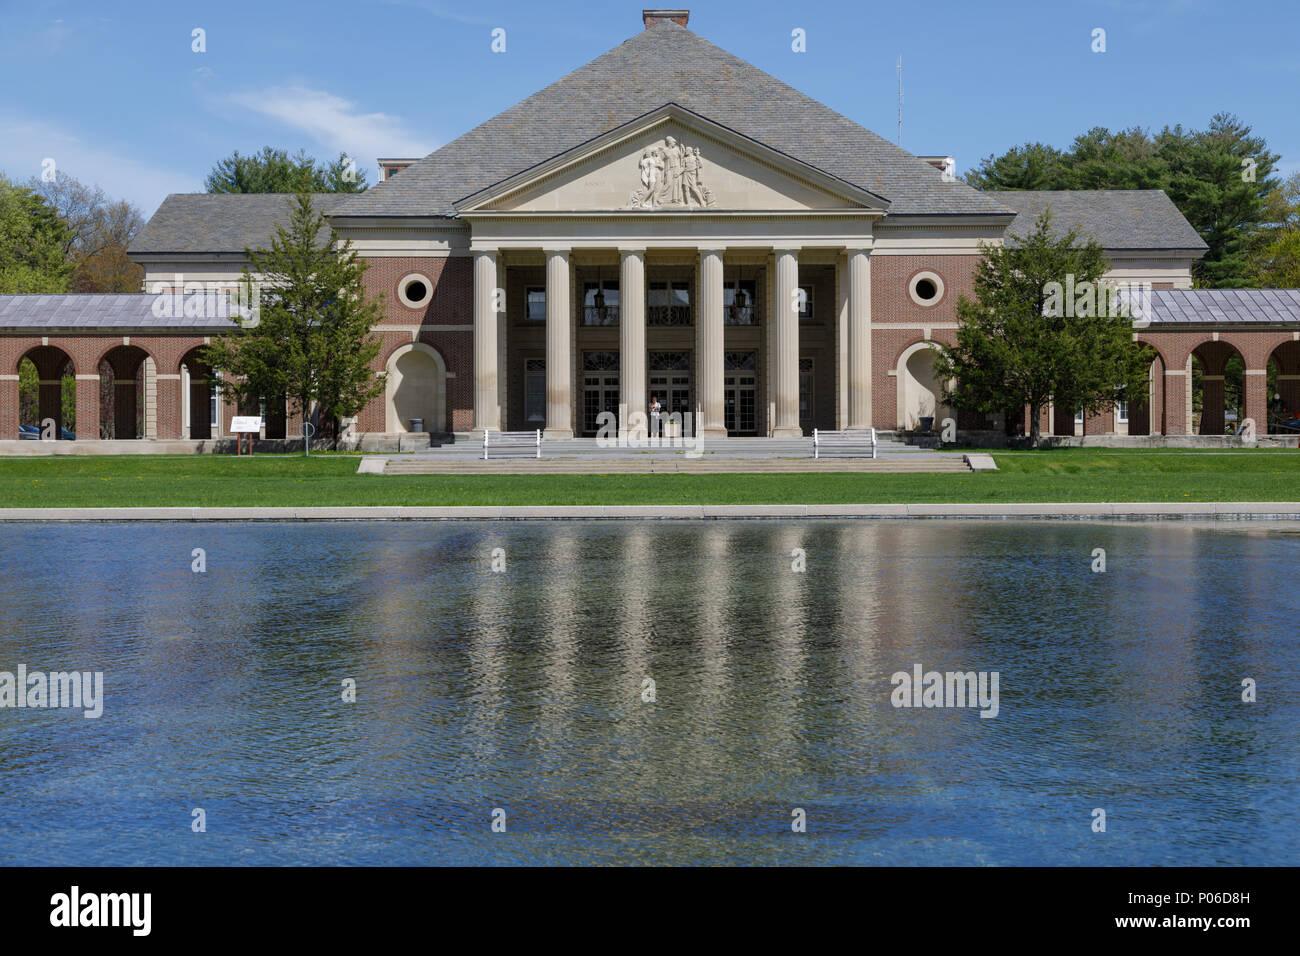 Saratoga Springs, New York: riflettendo Piscina, Sala delle molle, Saratoga Spa parco dello stato. Immagini Stock